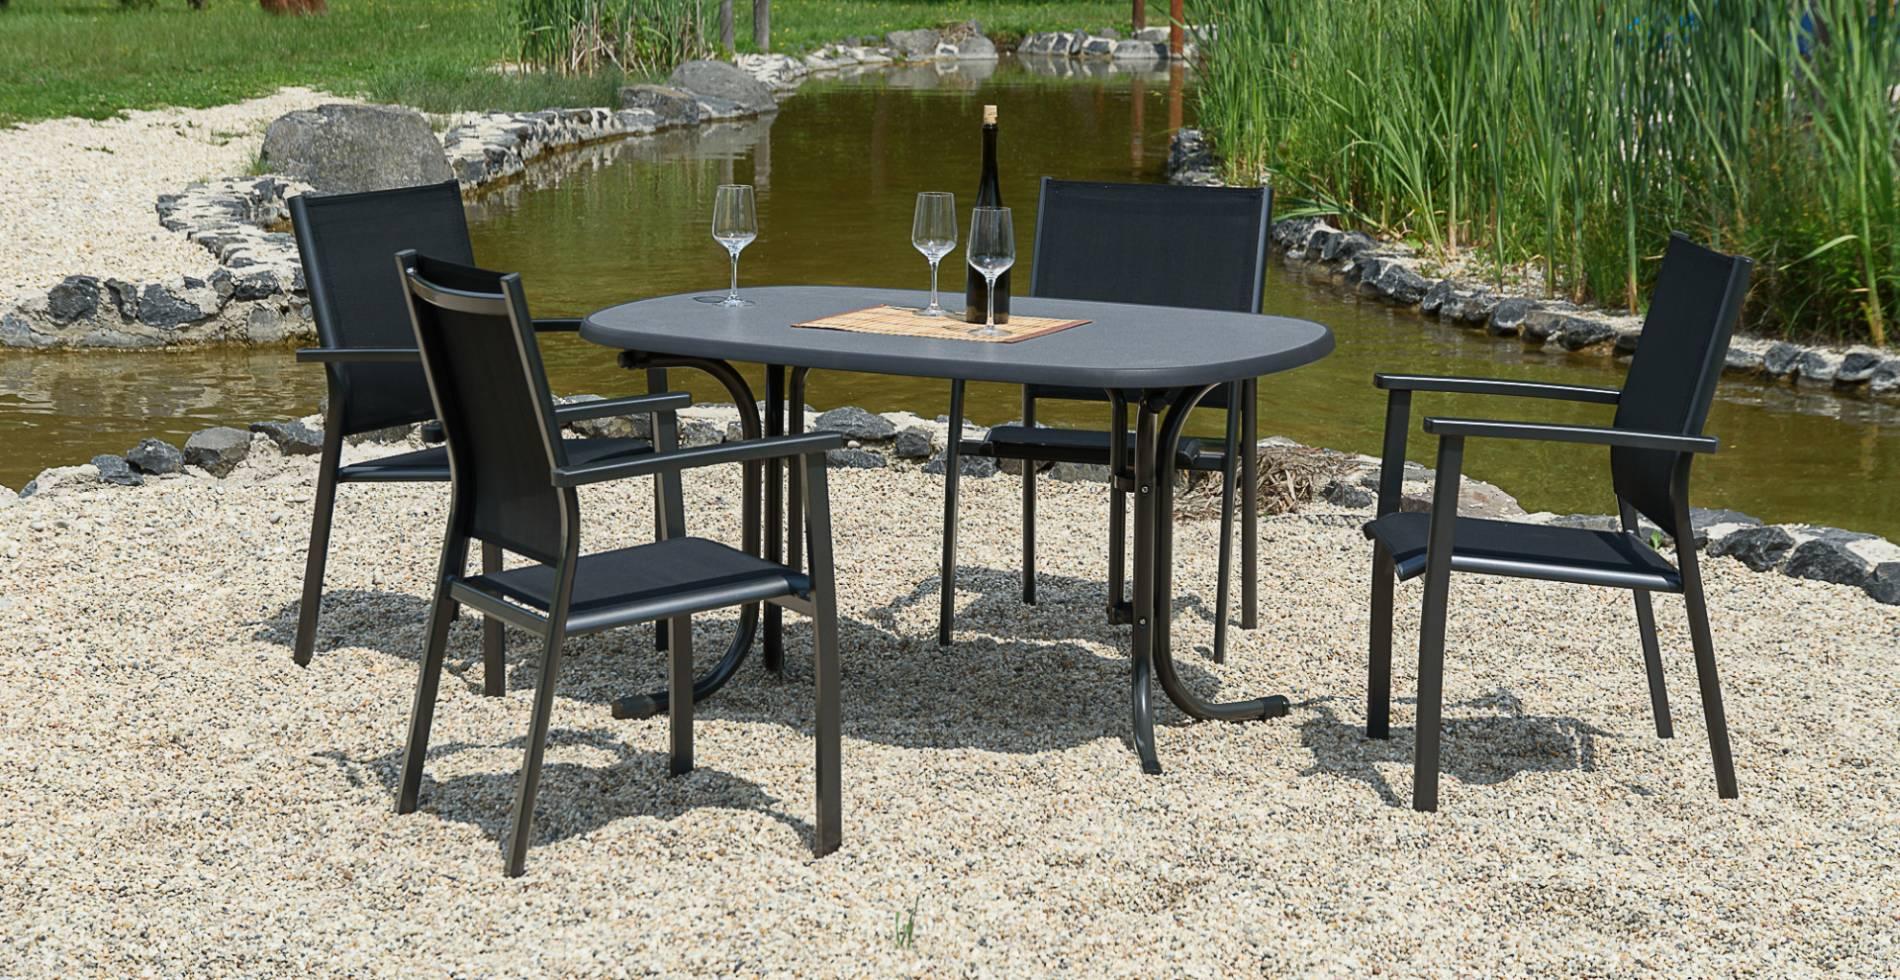 acamp Gartenmöbelset 4x Acatop Stapelsessel anthrazit nero 56006 und 1x Tisch 56609 Boulevard 146 x 94 cm